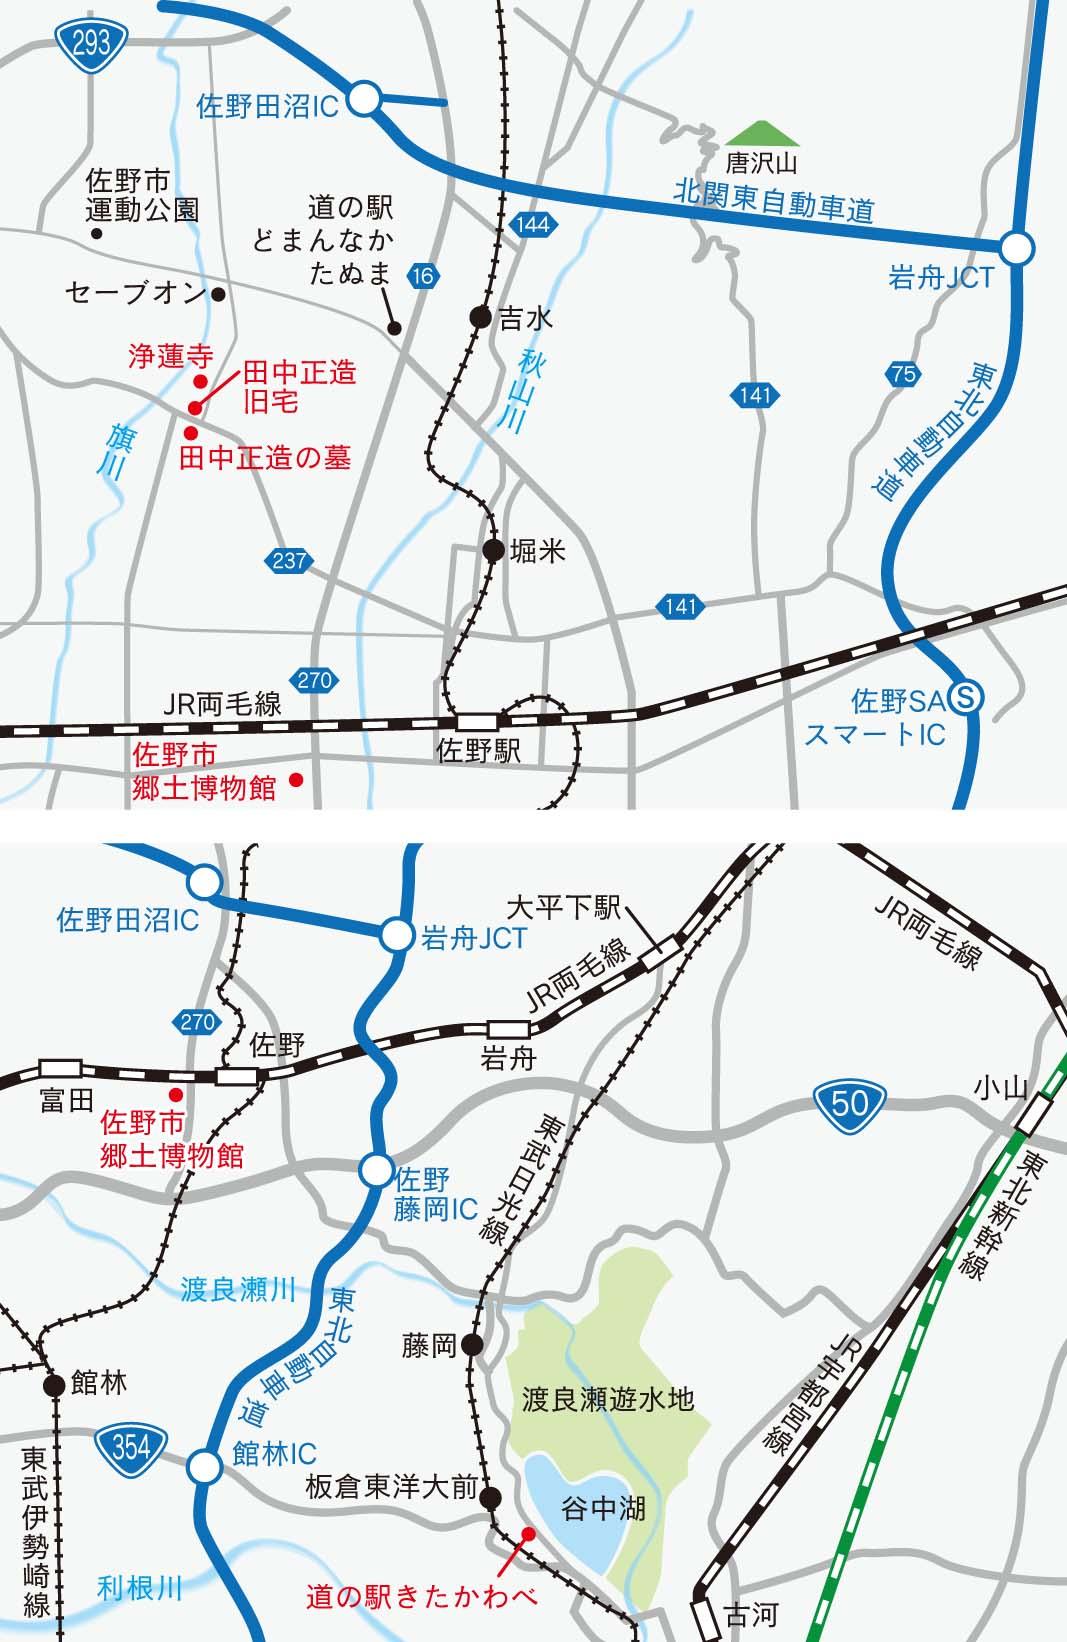 渡良瀬アクセスマップ